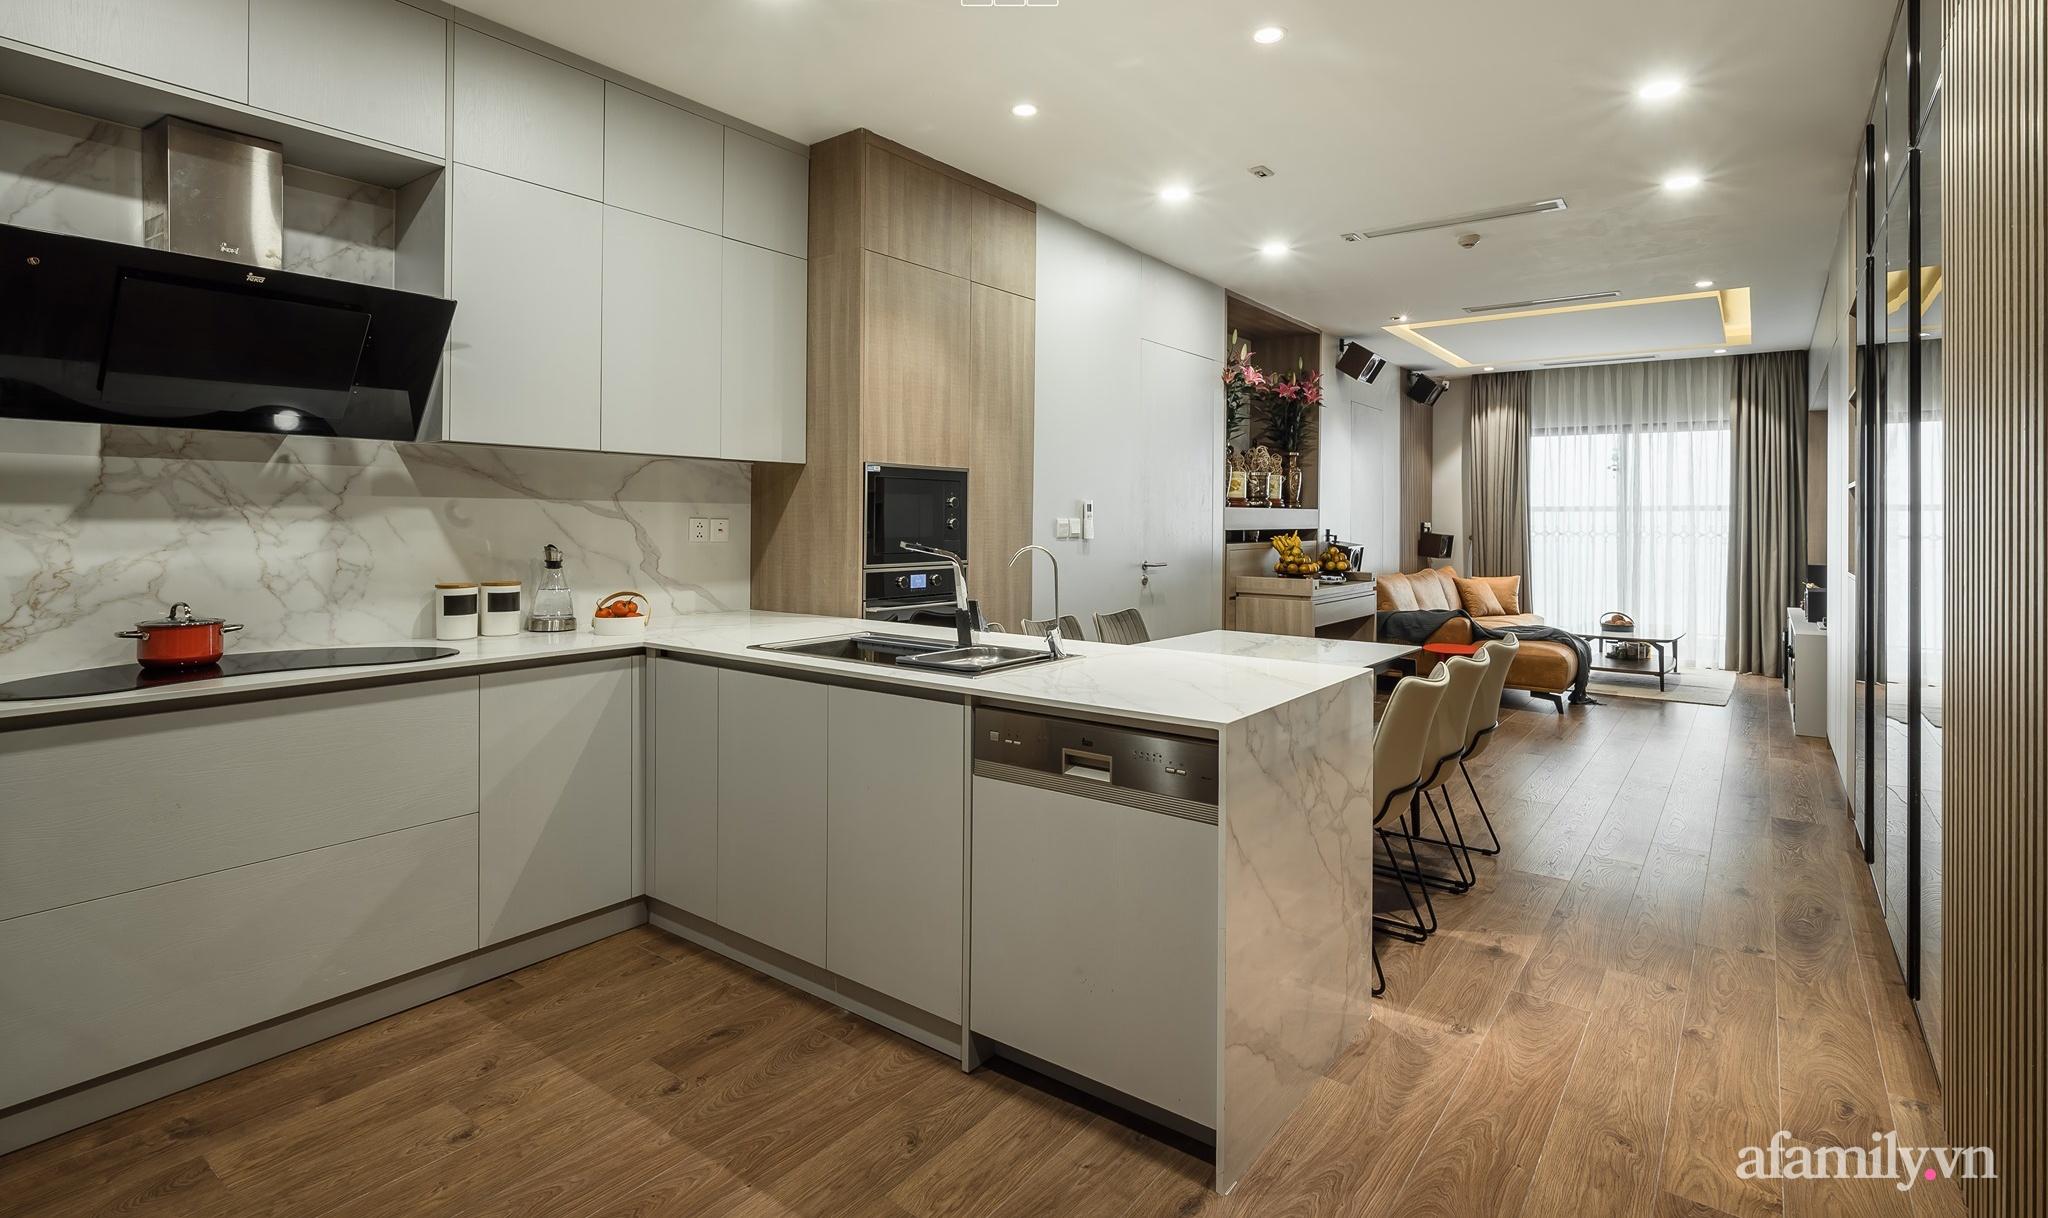 """Kiến trúc sư Hà Nội """"bật mí"""" về tam giác công năng và những điều cần lưu ý khi thiết kế bếp - Ảnh 8."""